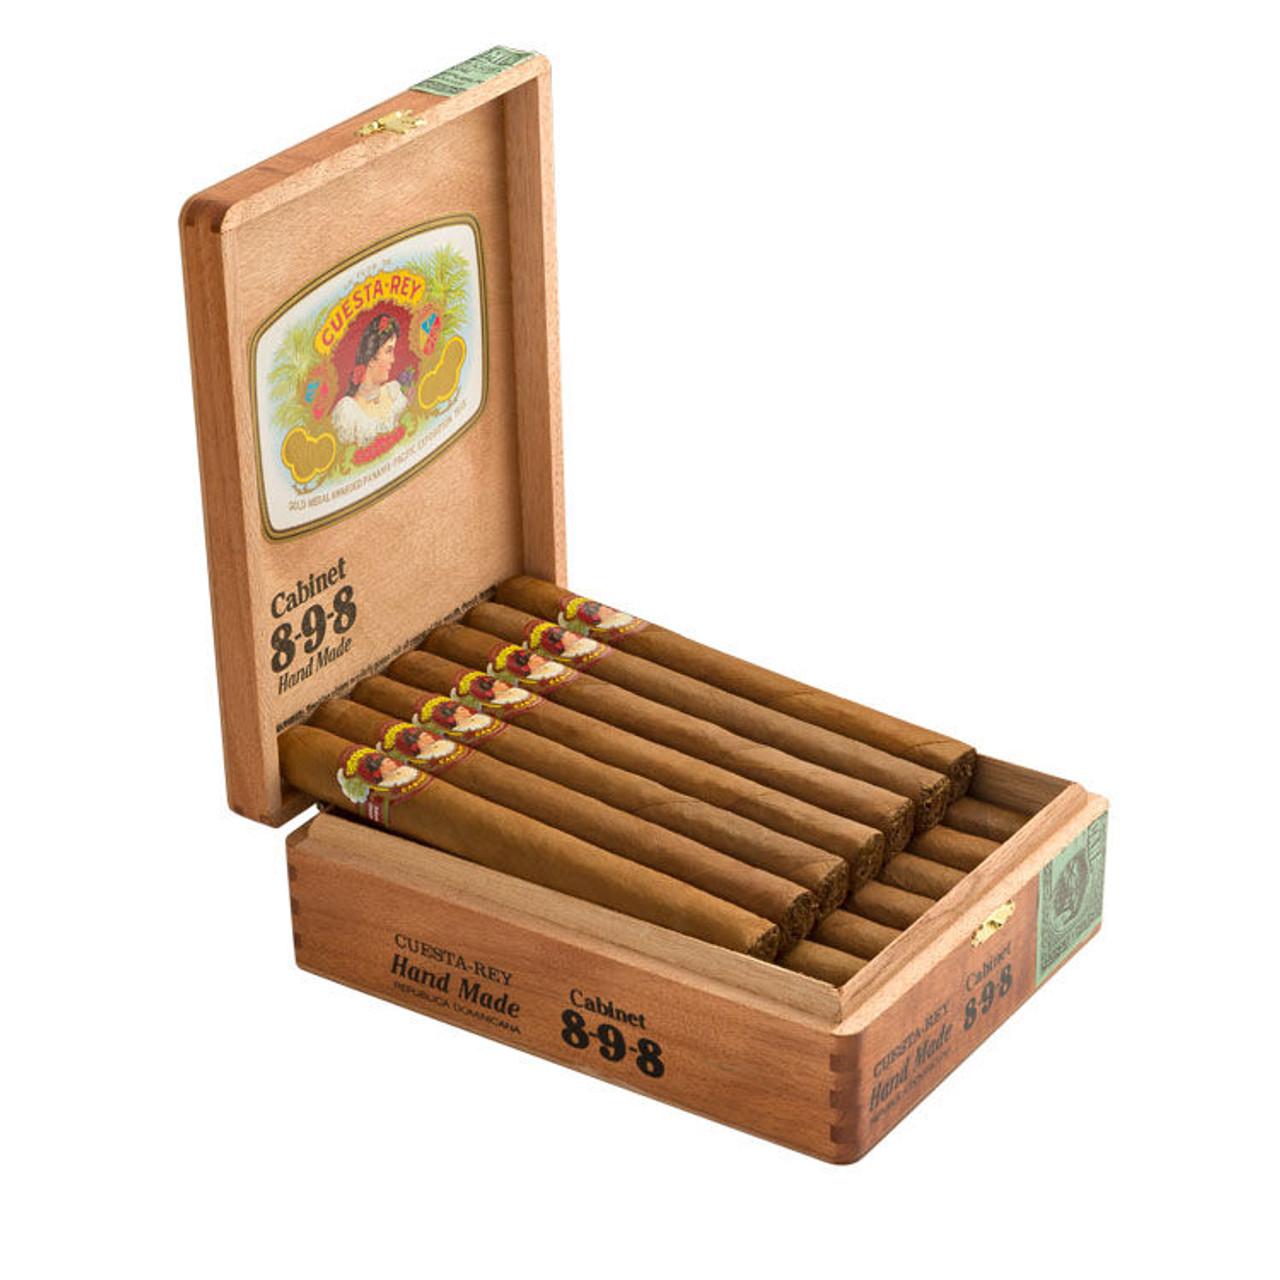 Cuesta Rey Cabinet No. 8-9-8 Cigars - 7 x 49 (Box of 20)